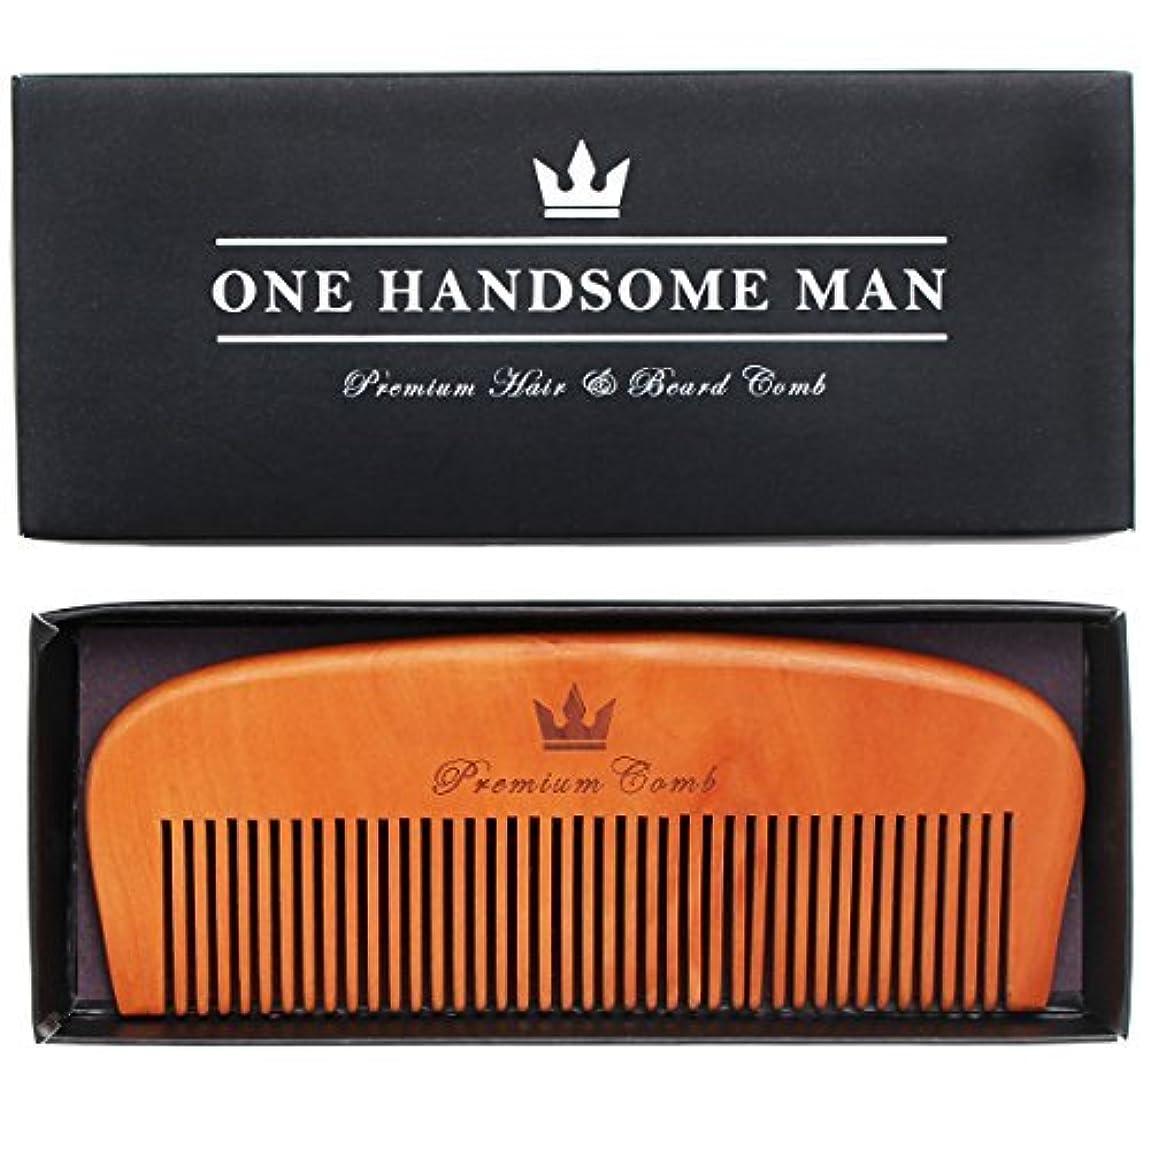 ワーディアンケースふりをする洋服Premium Hair and Beard Comb - Quality Design with Gift Box. Perfect for Beards, Mustaches, or Head Hair. [並行輸入品]